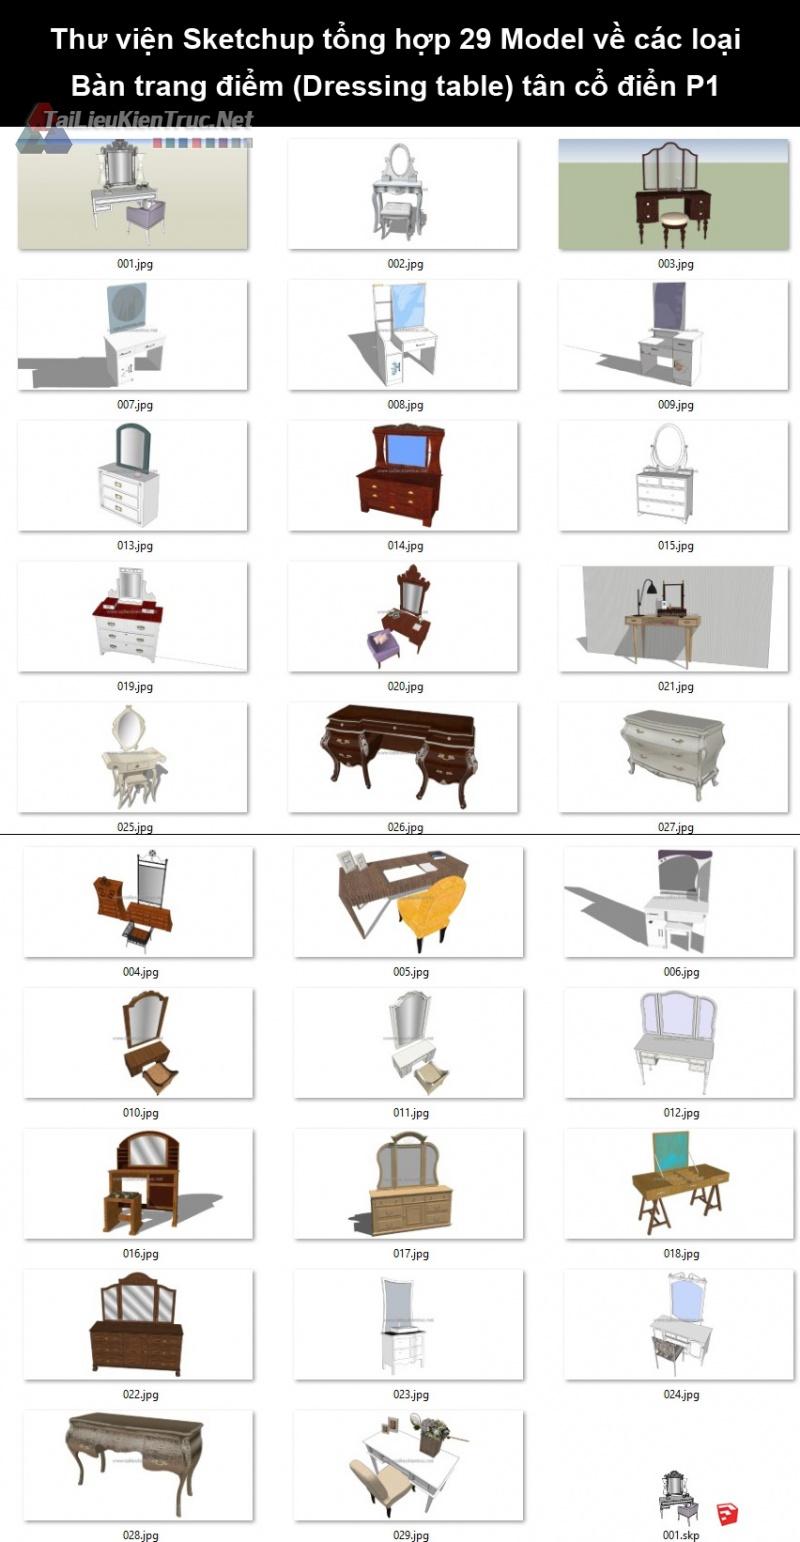 Thư viện Sketchup tổng hợp 29 Model về các loại Bàn trang điểm (Dressing table) tân cổ điển P1